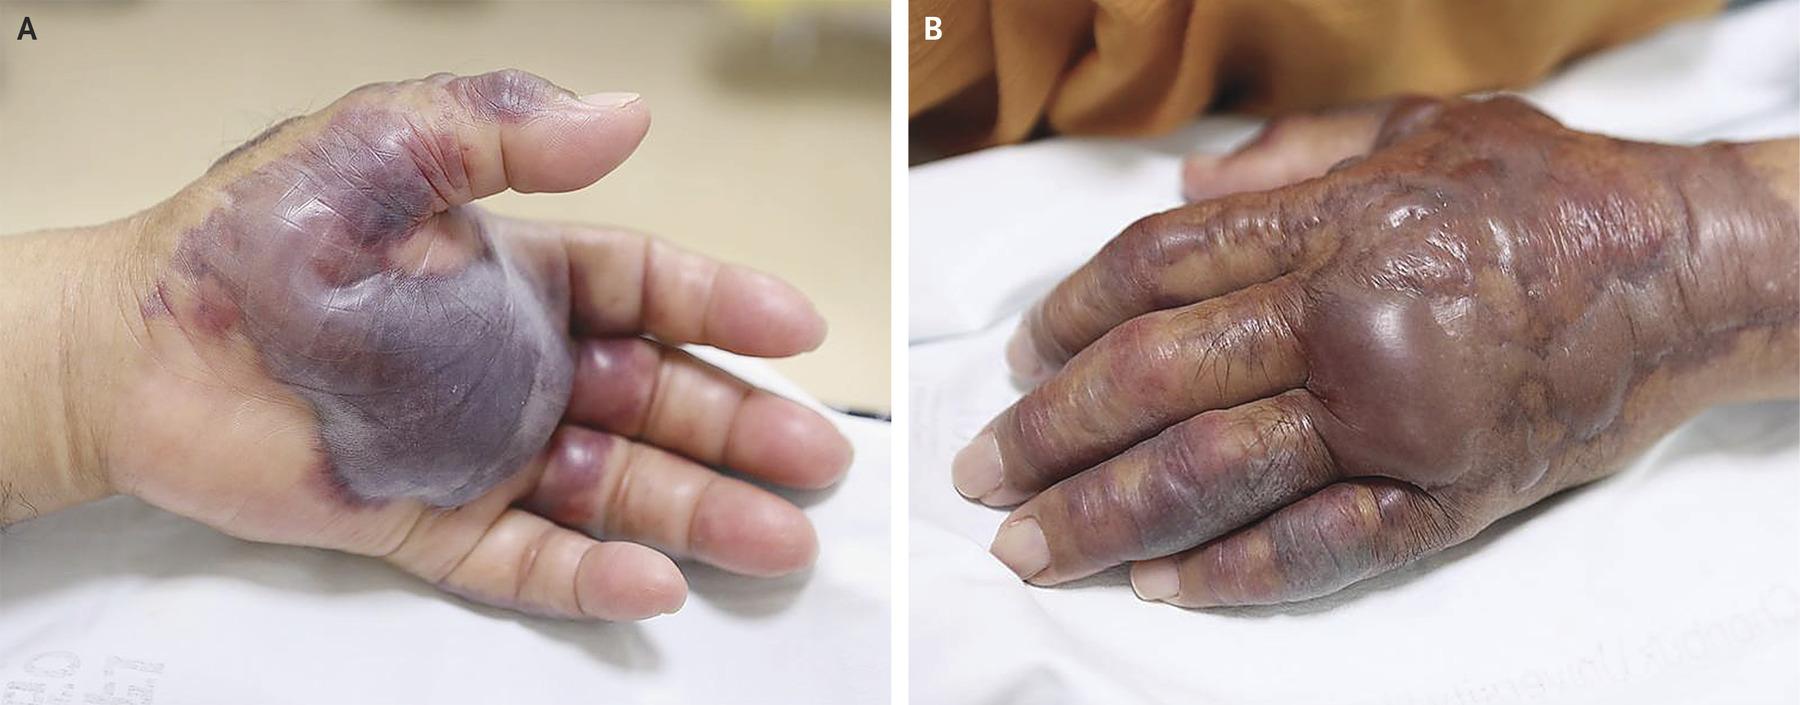 Паразиты в суставе руки боли в суставах без опухания, слабость, сухость кижи